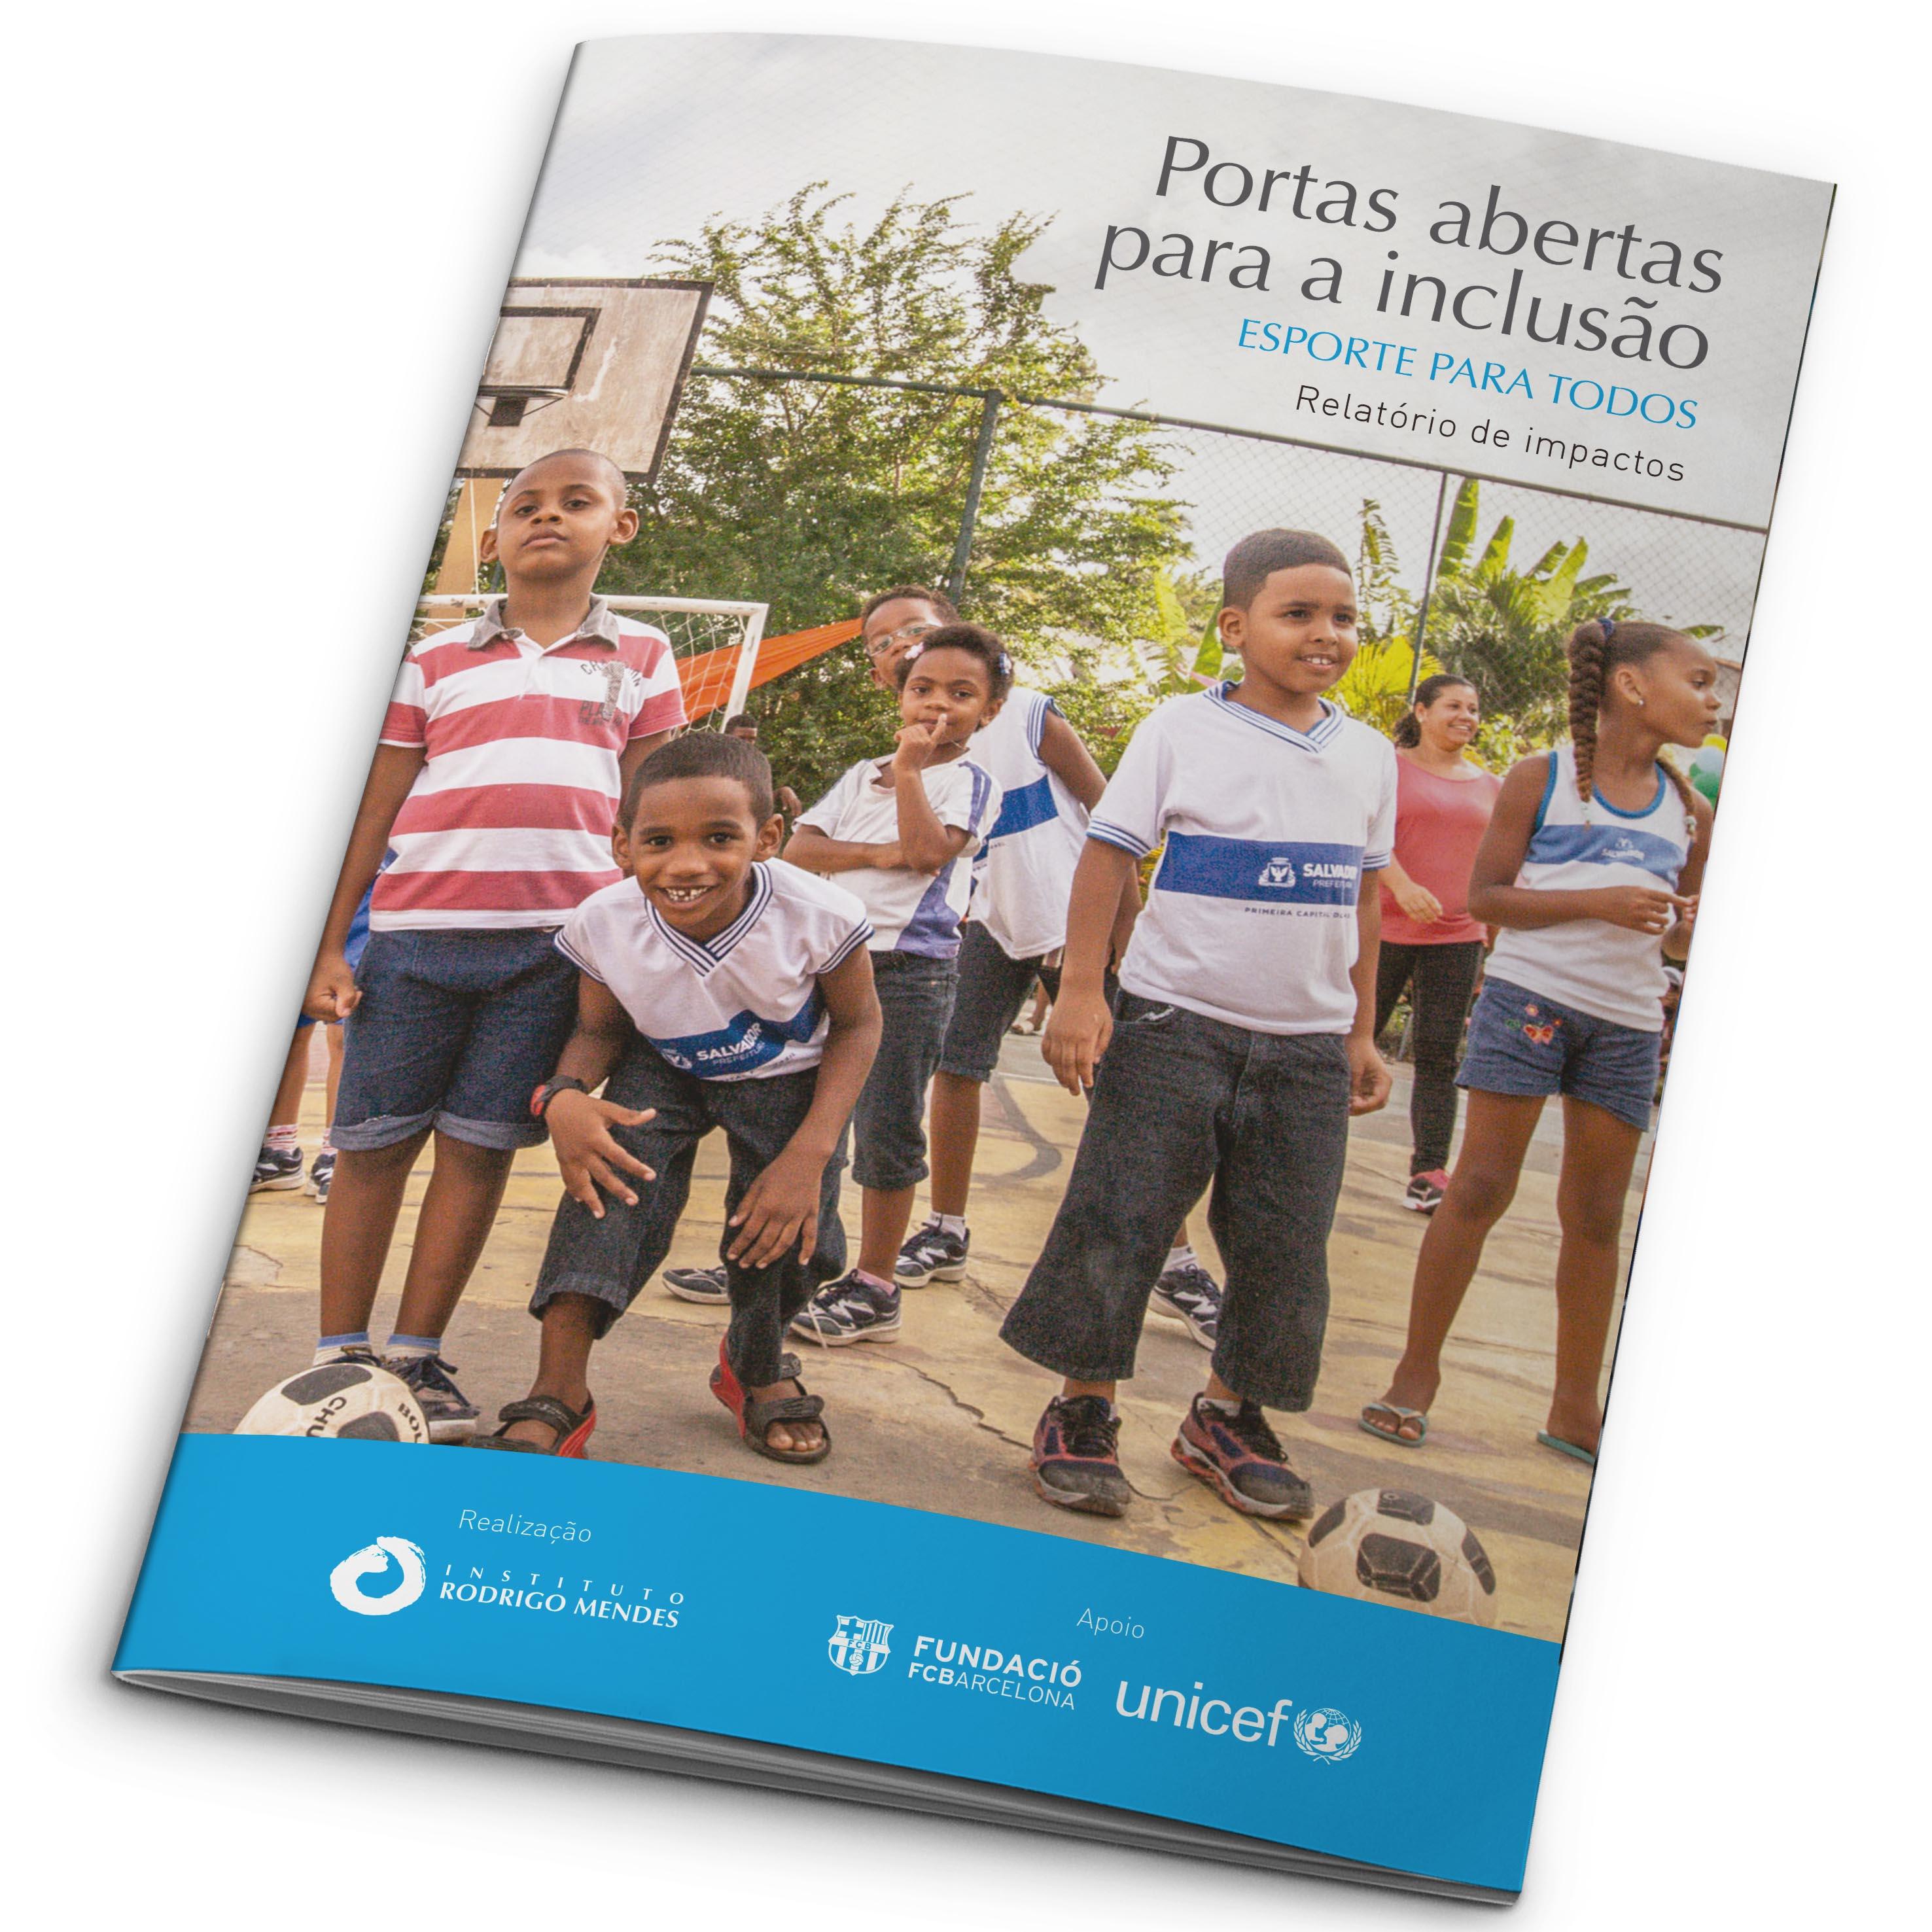 2014 - Relatório de impactos PAI